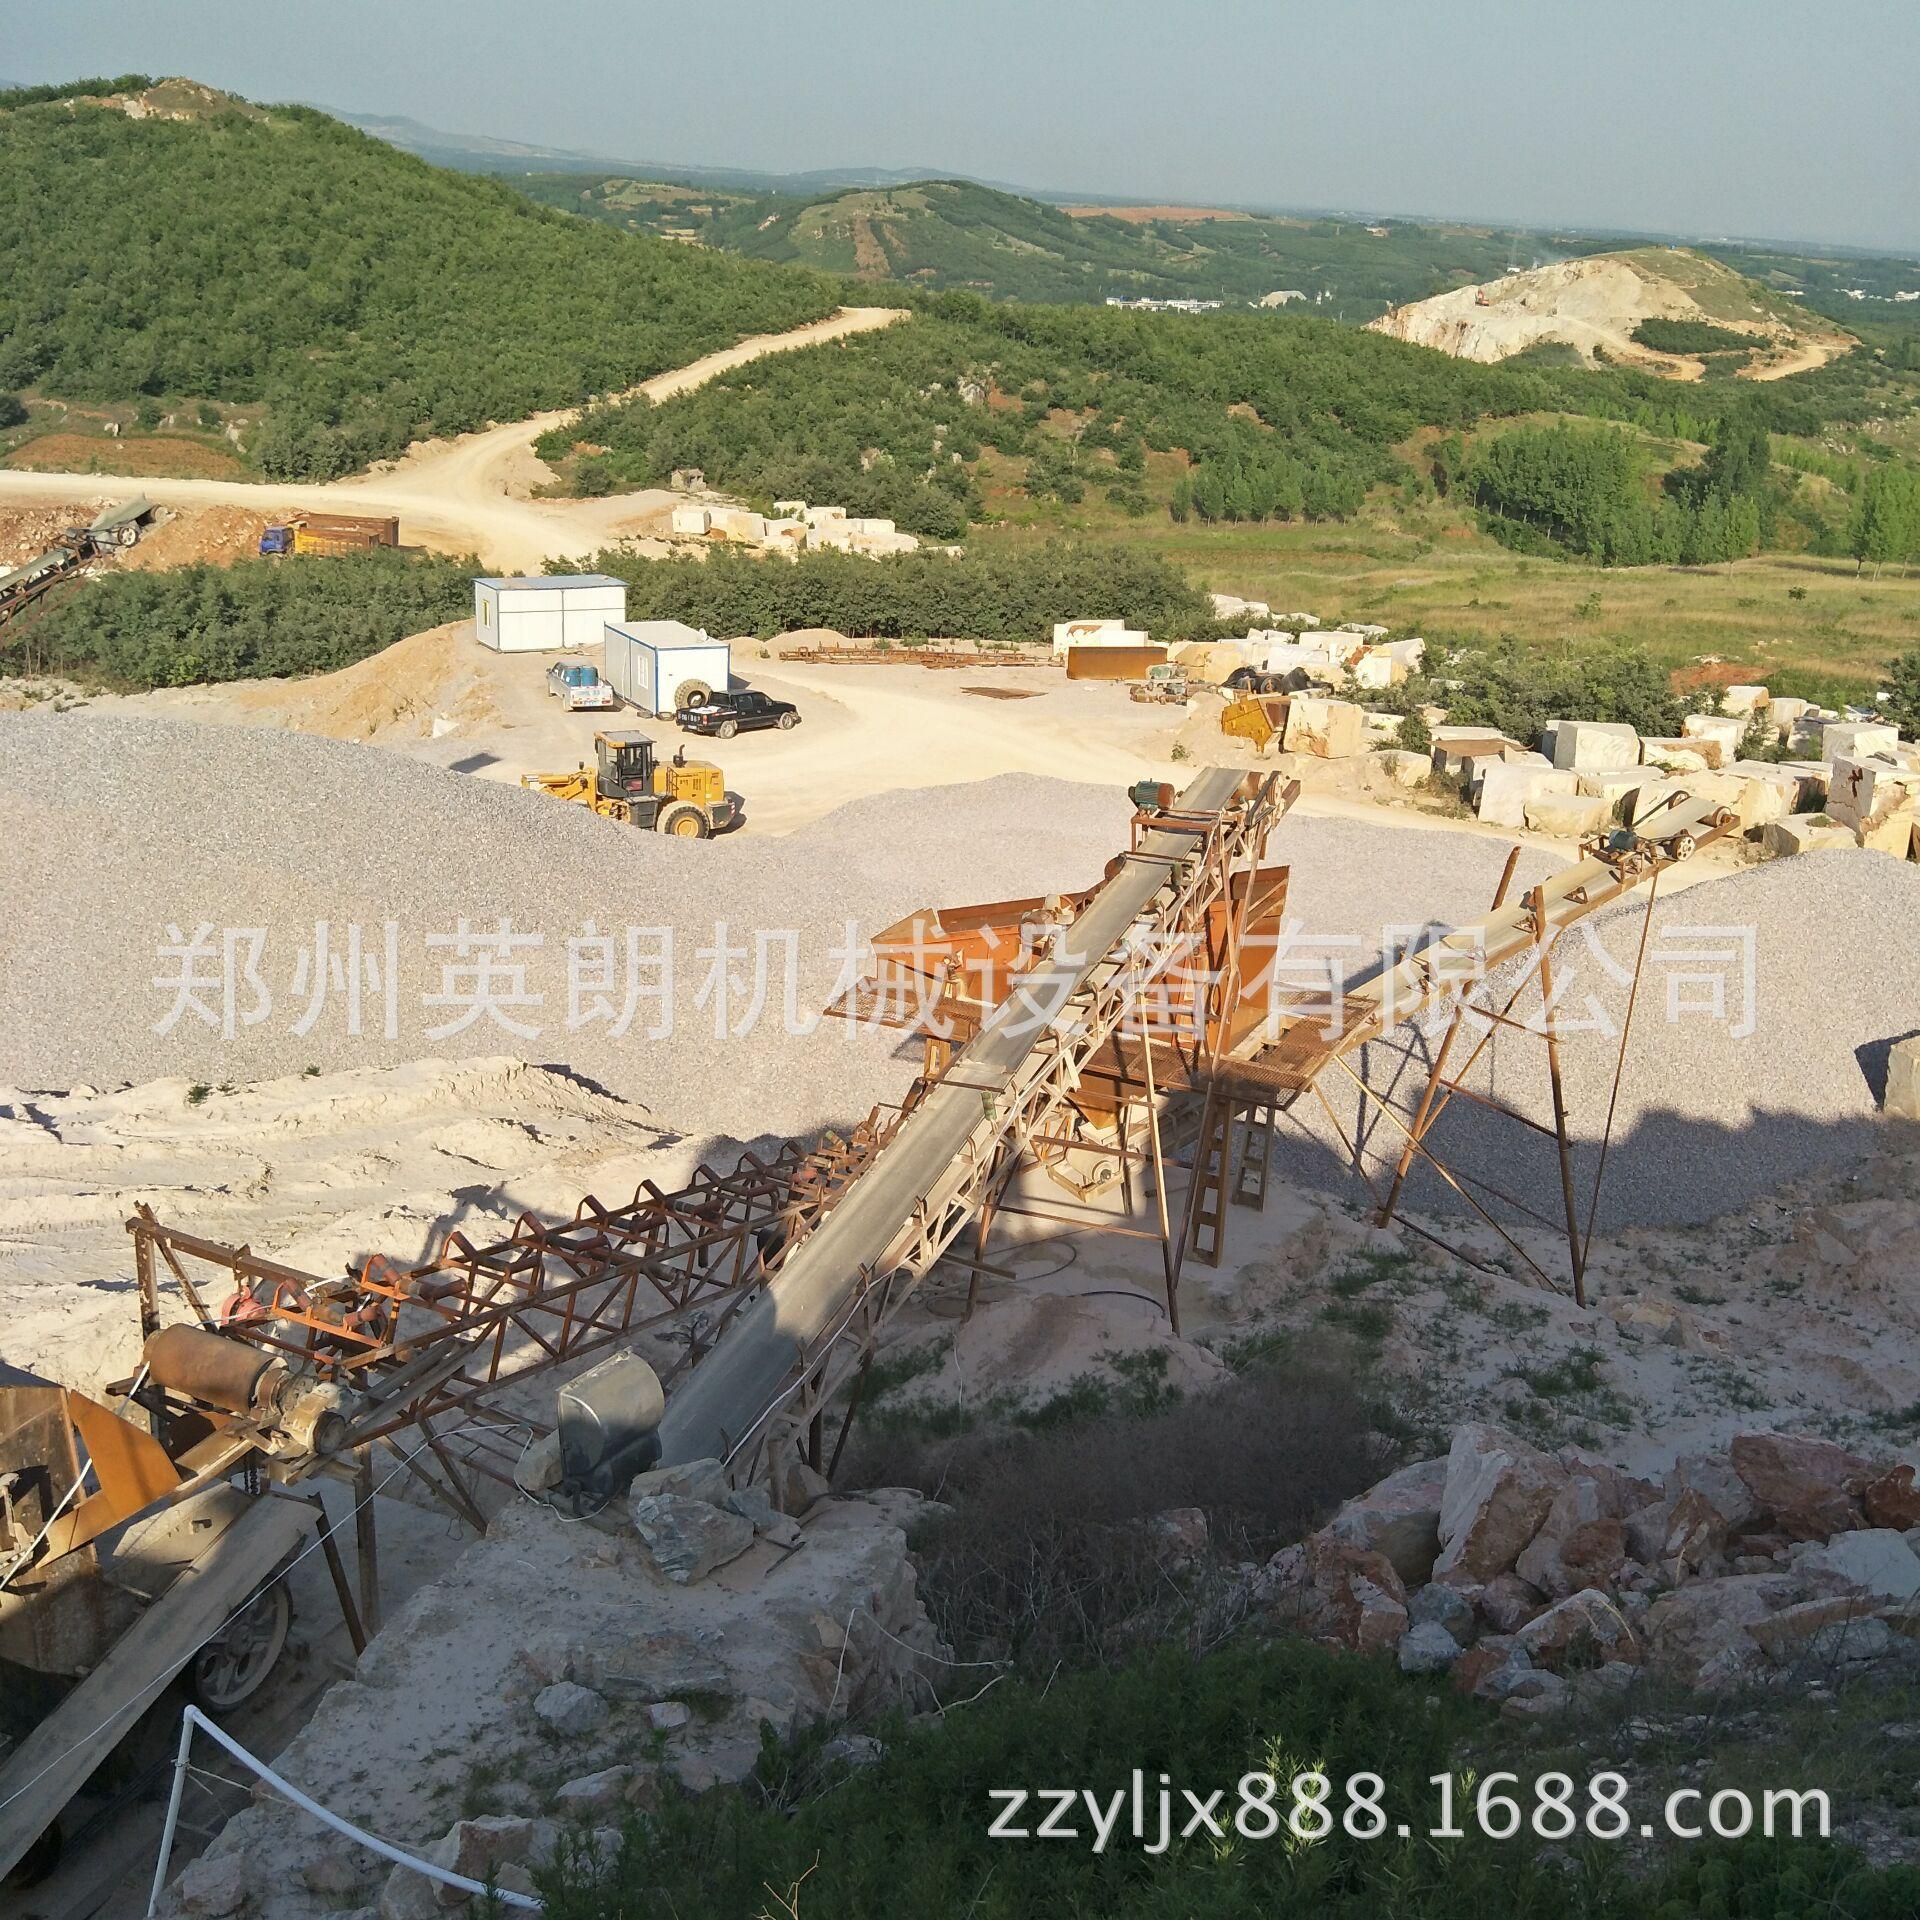 供应矿山石料开采破碎生产线 建筑青石子破碎线 鹅卵石制沙生产线示例图5